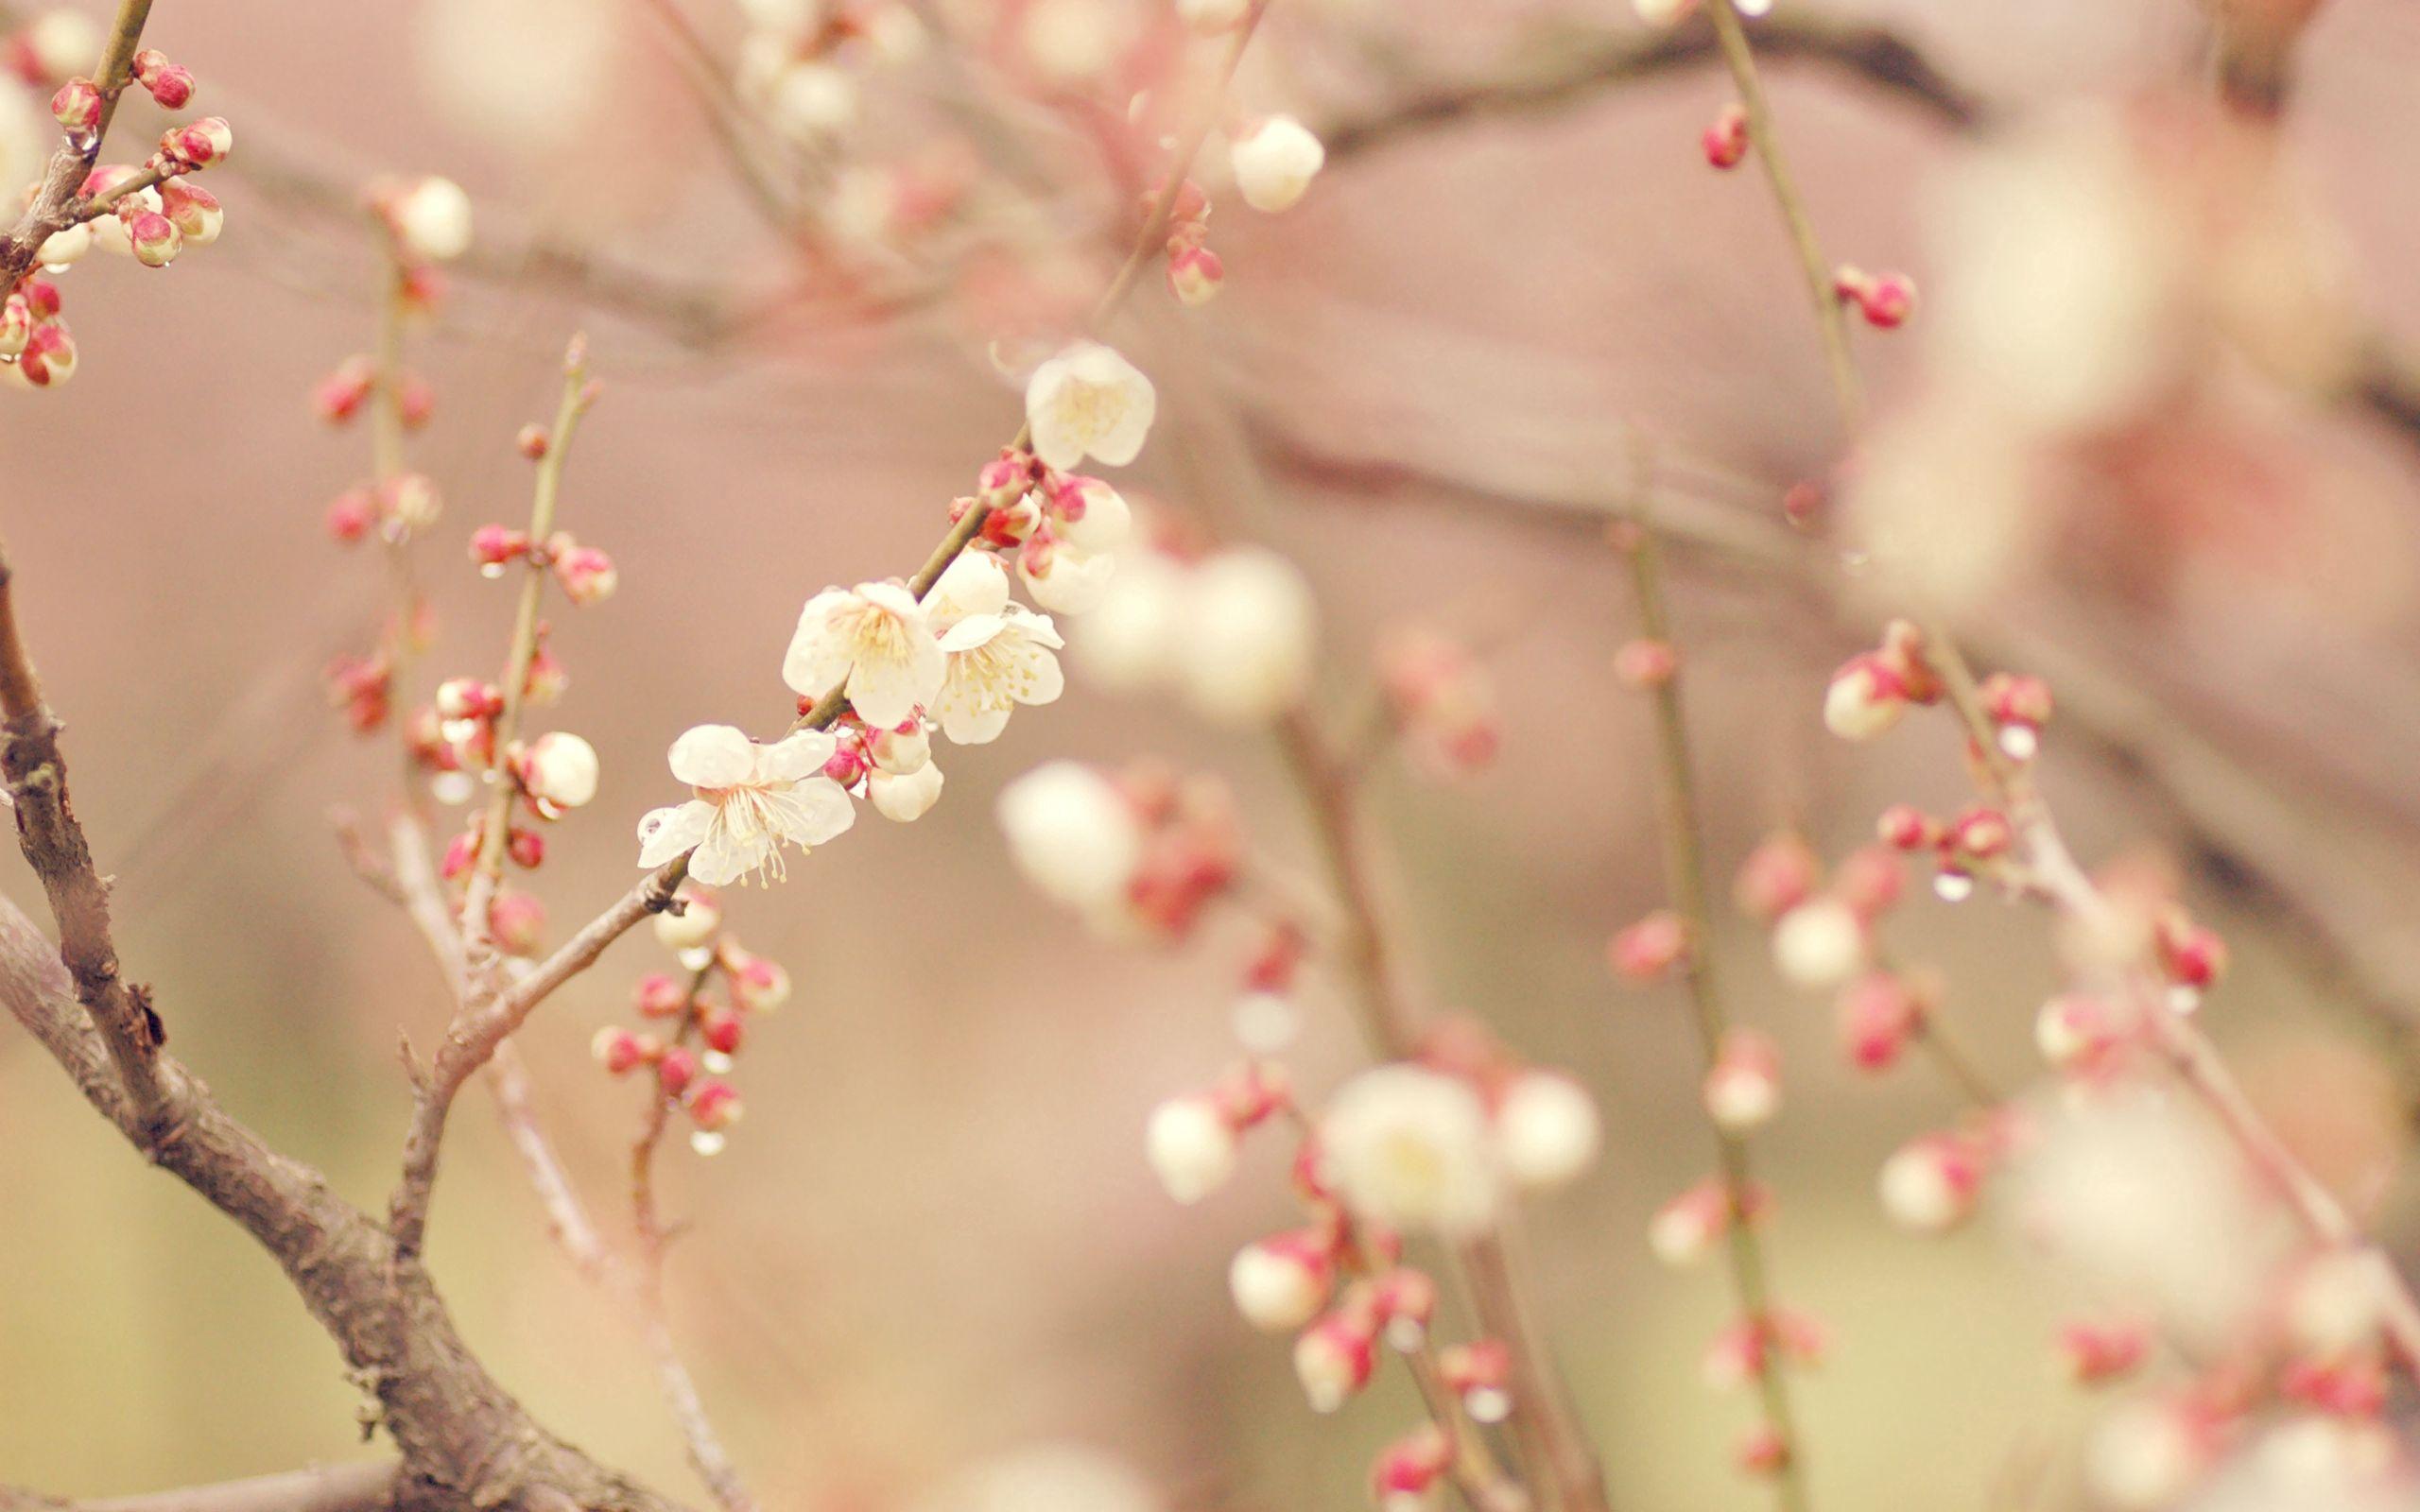 76003 скачать обои Цветы, Цветение, Макро, Дерево, Весна - заставки и картинки бесплатно